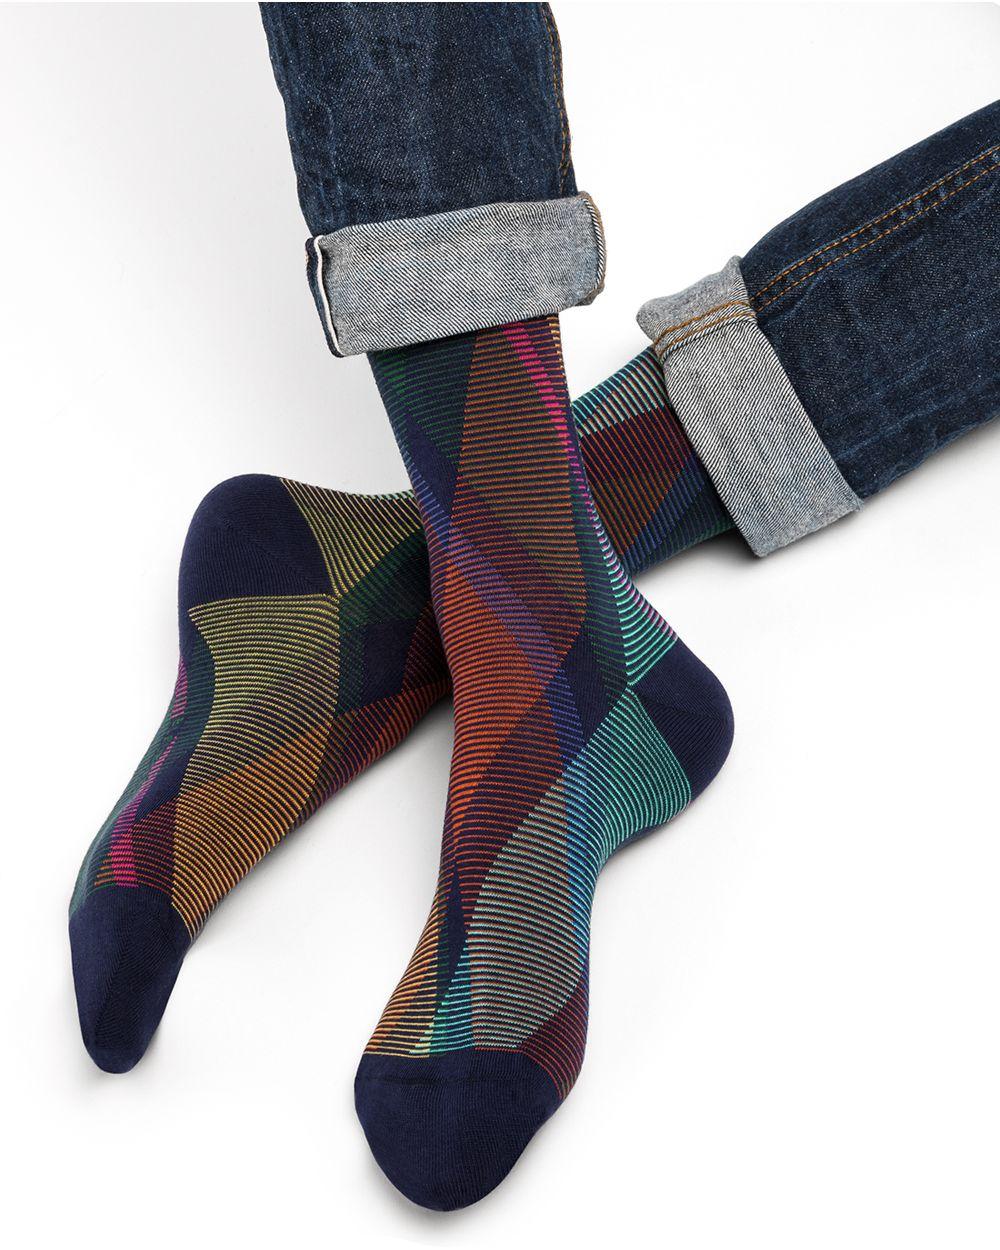 Chaussettes coton motif losanges écossais milleraies